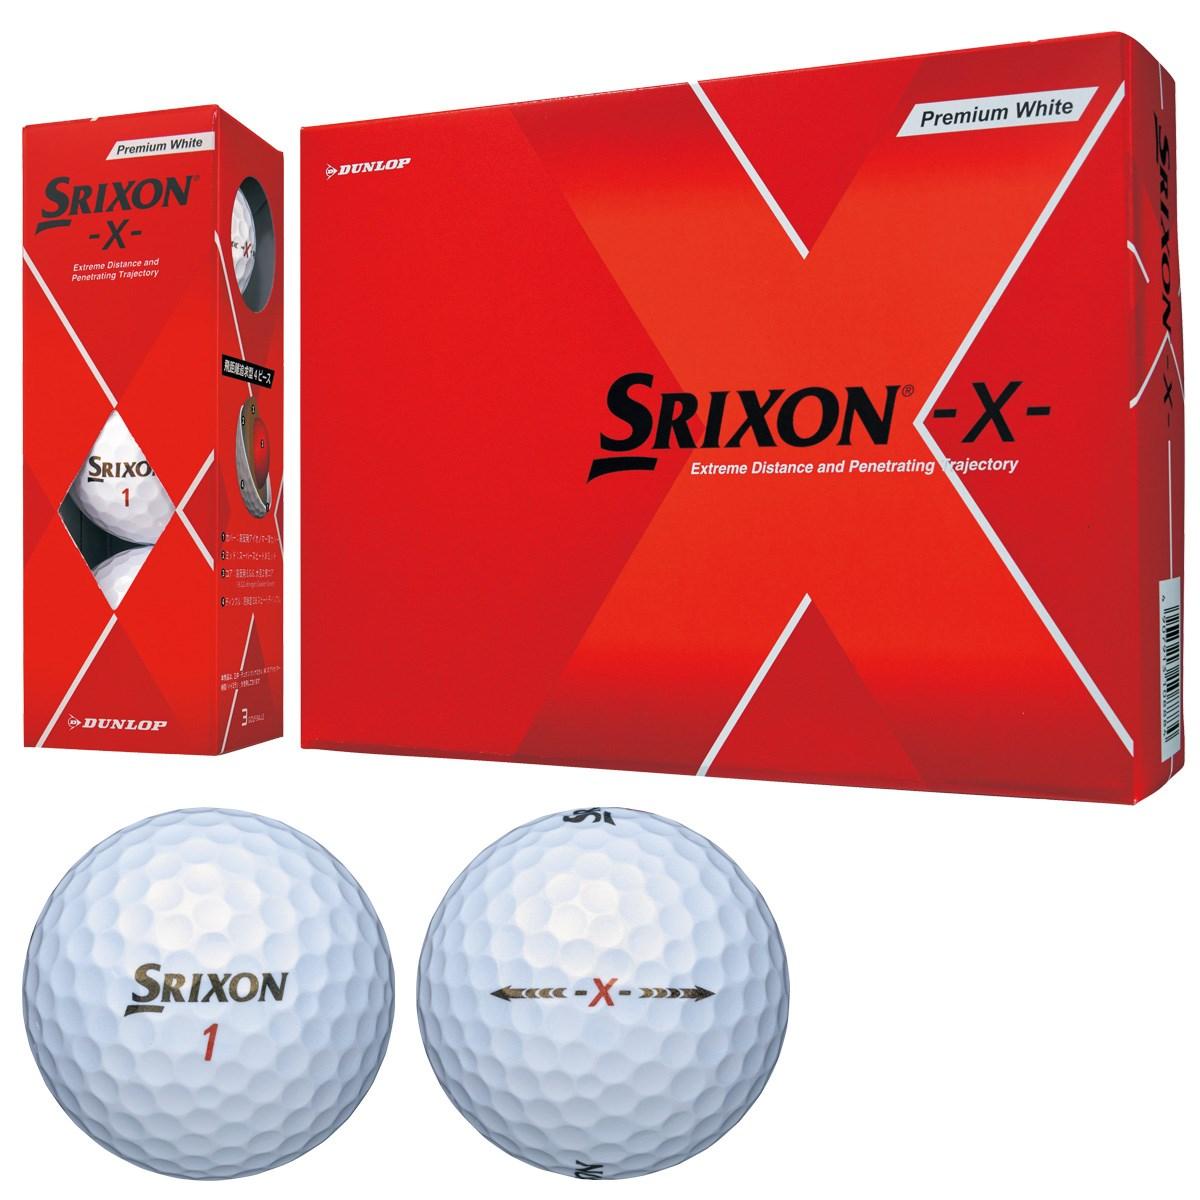 ダンロップ SRIXON スリクソン X ボール 1ダース(12個入り) プレミアムホワイト